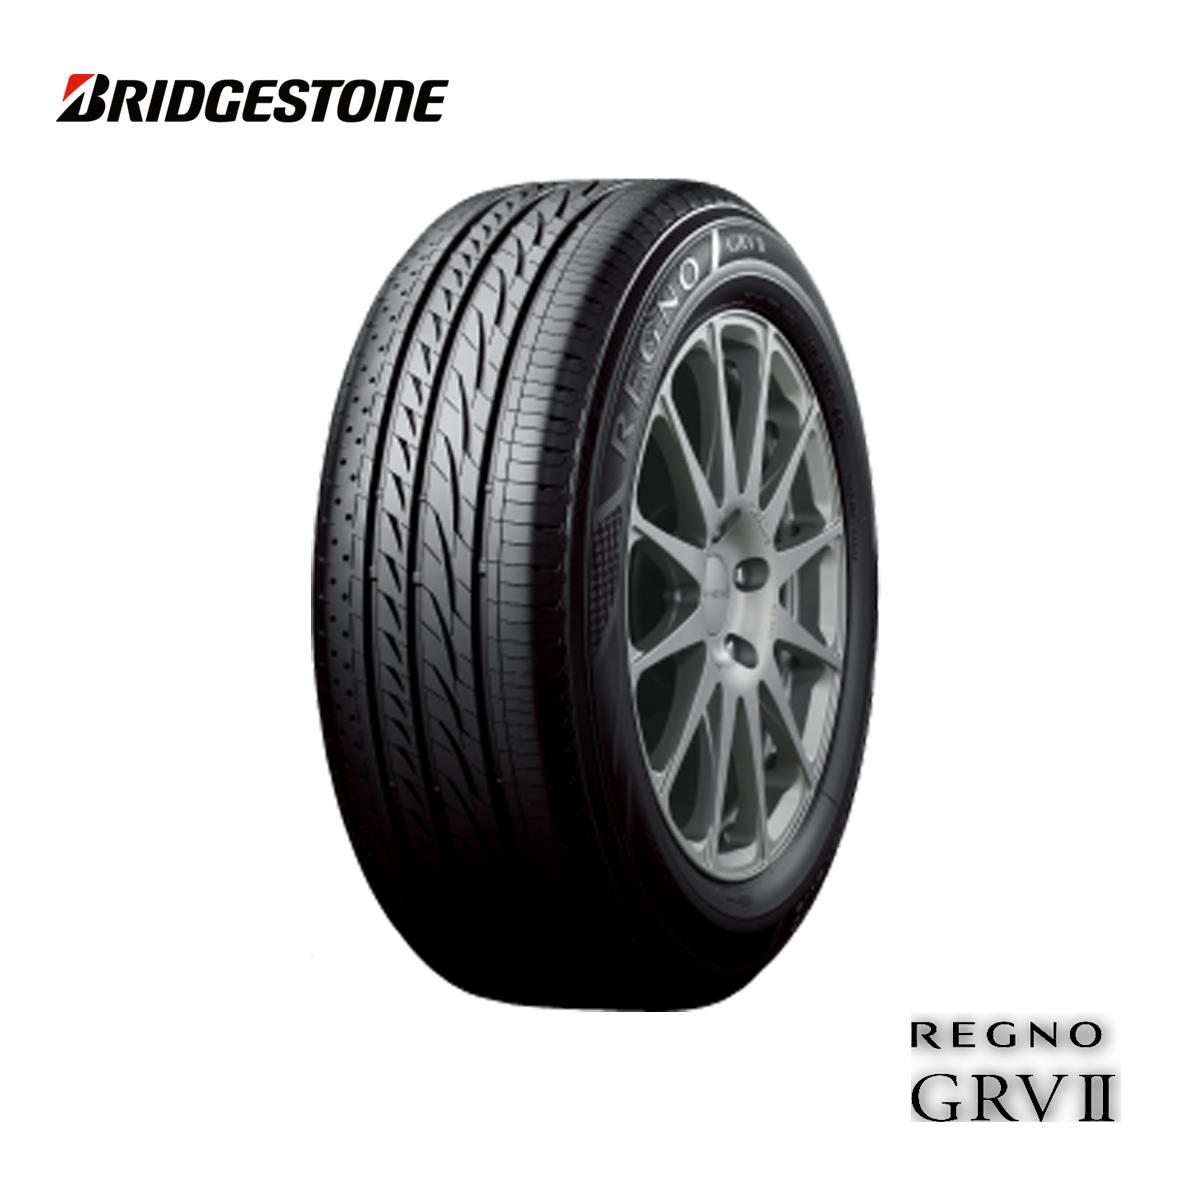 ブリヂストン BS 17インチ タイヤ 205/55R17 205 55 17 レグノ サマータイヤ 1本 低燃費 エコ 夏 サマー タイヤ BRIDGESTONE REGNO GRVII GRV2